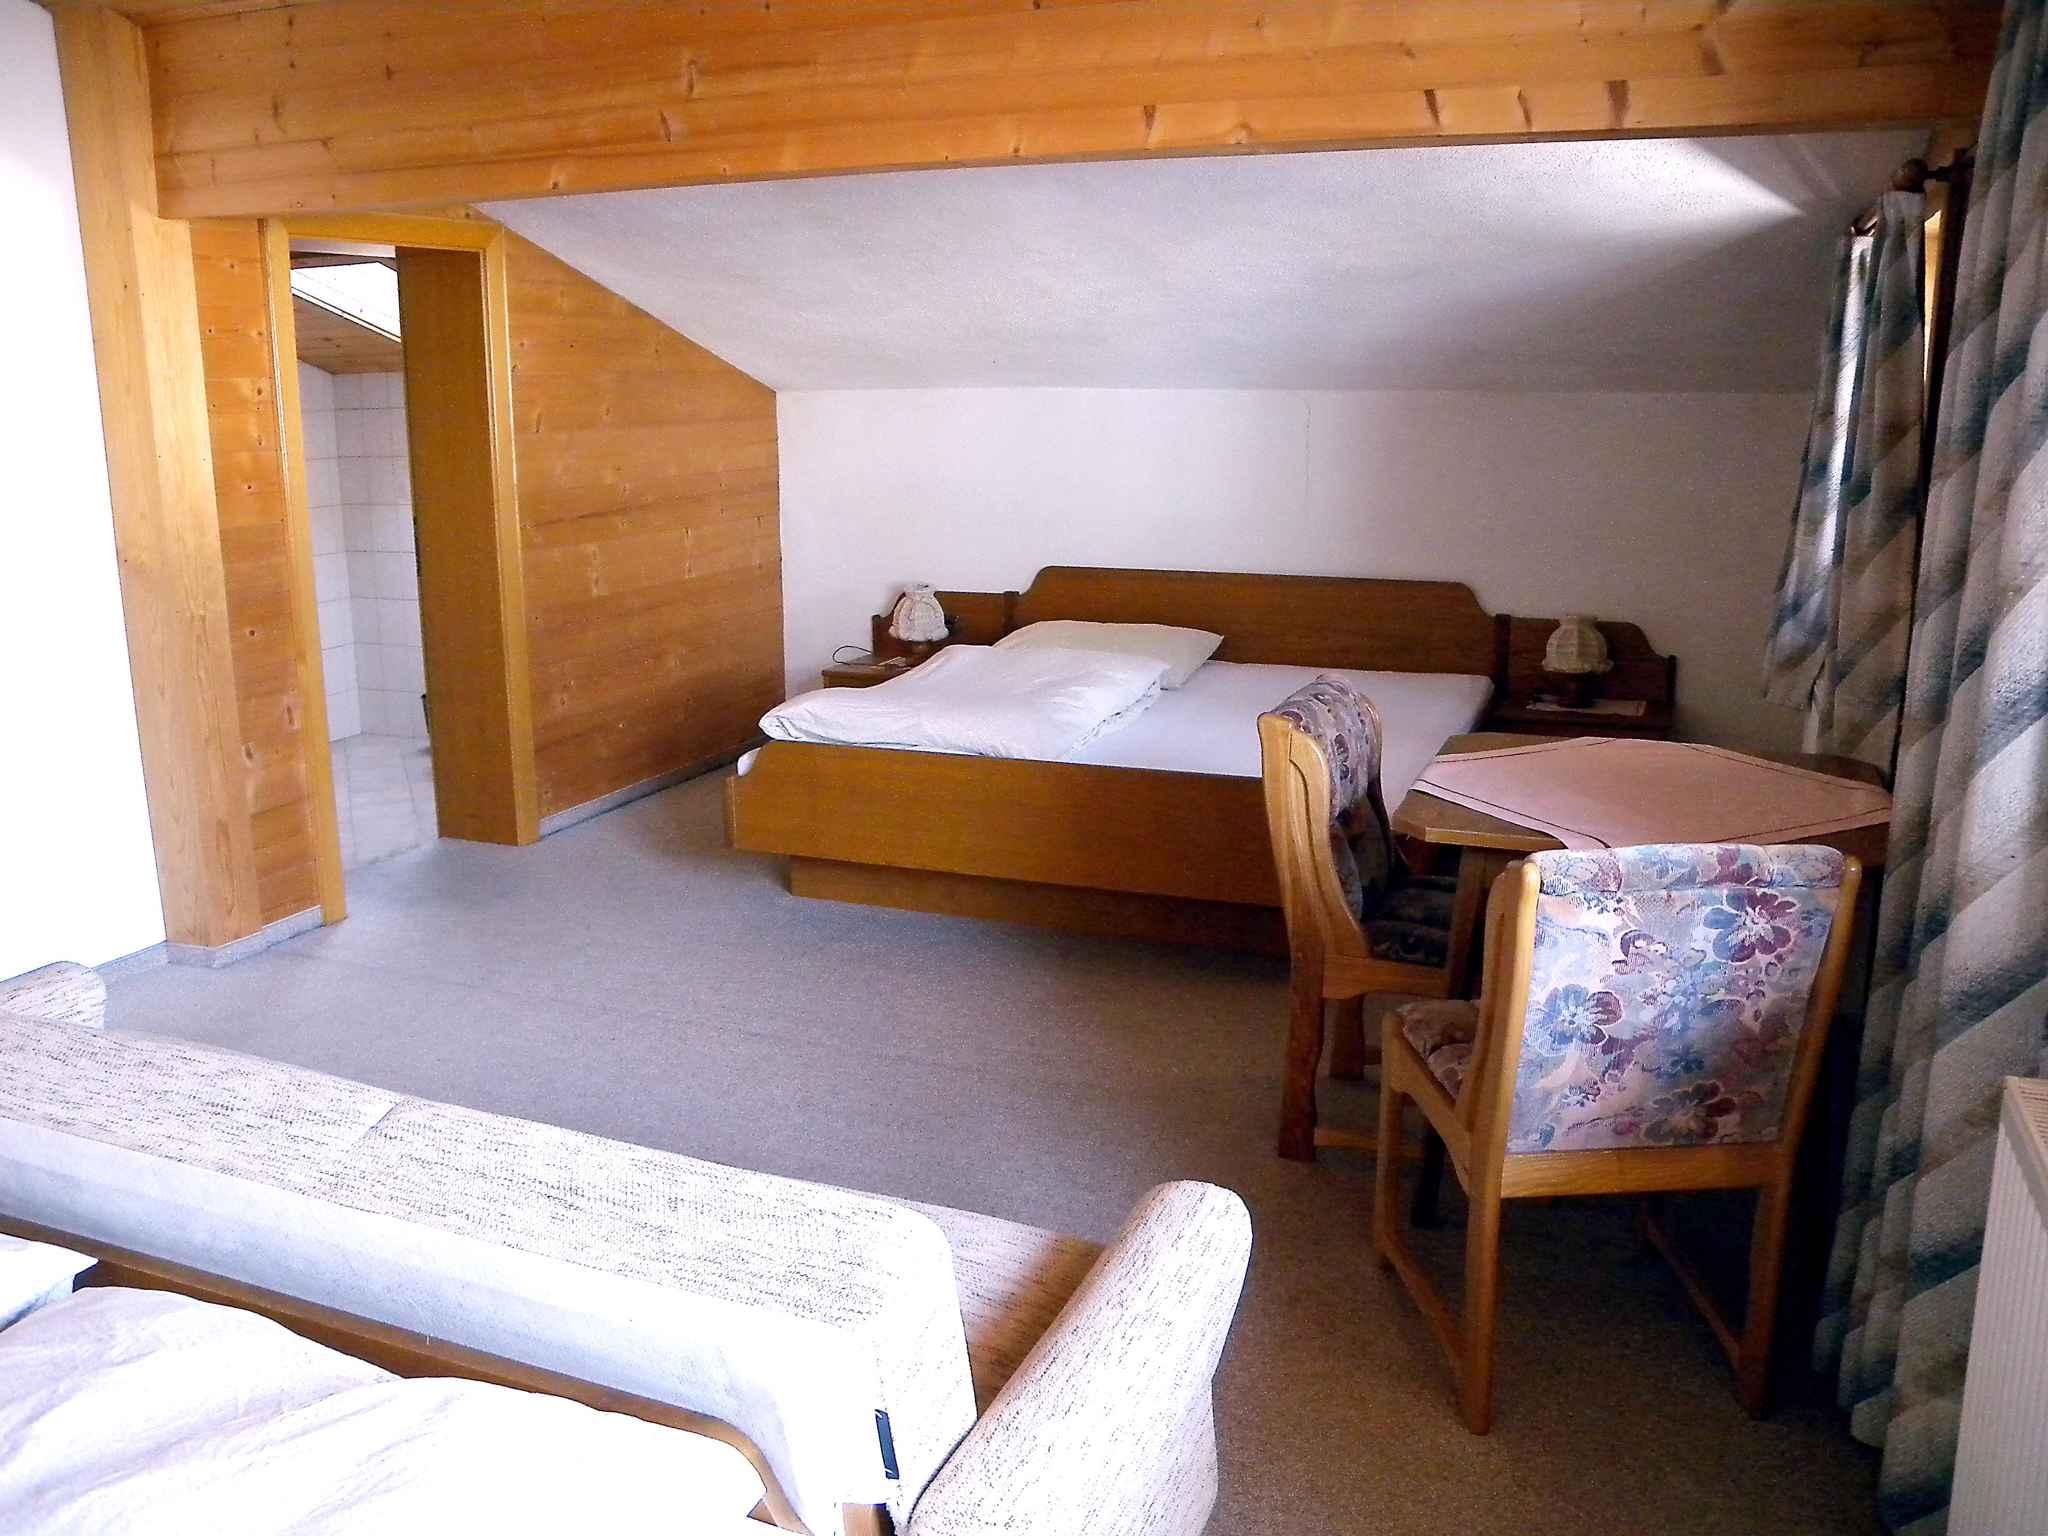 Ferienwohnung mit Balkon in Zentrumsnähe (283769), Kaltenbach, Zillertal, Tirol, Österreich, Bild 10